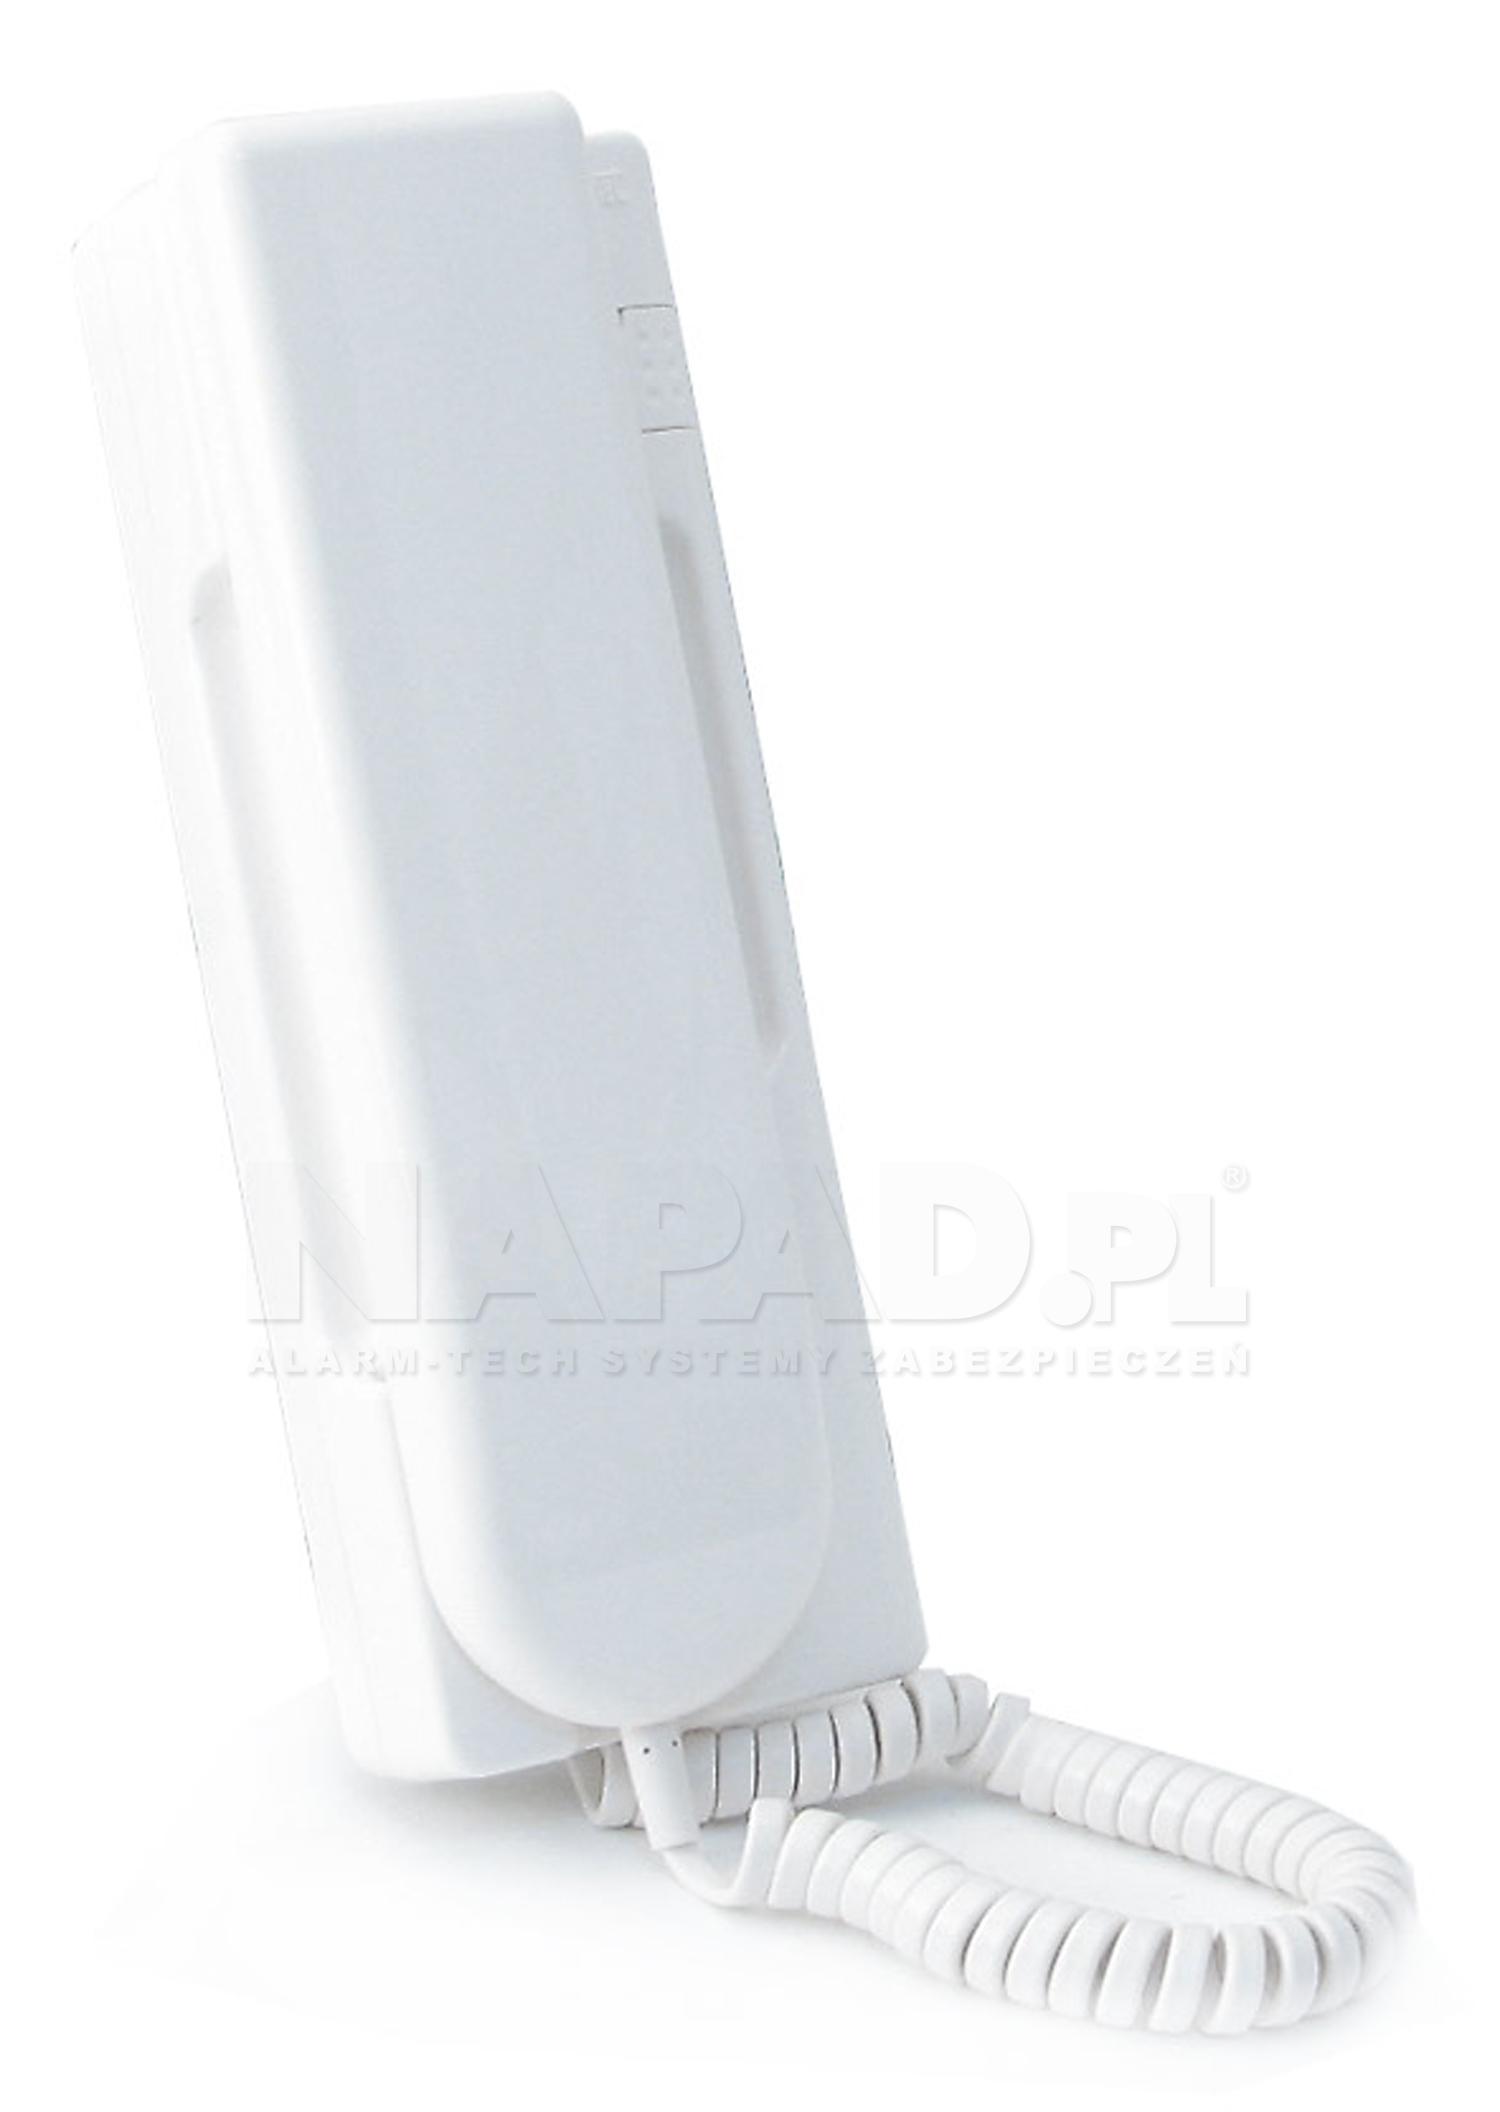 Unifon 1131/620